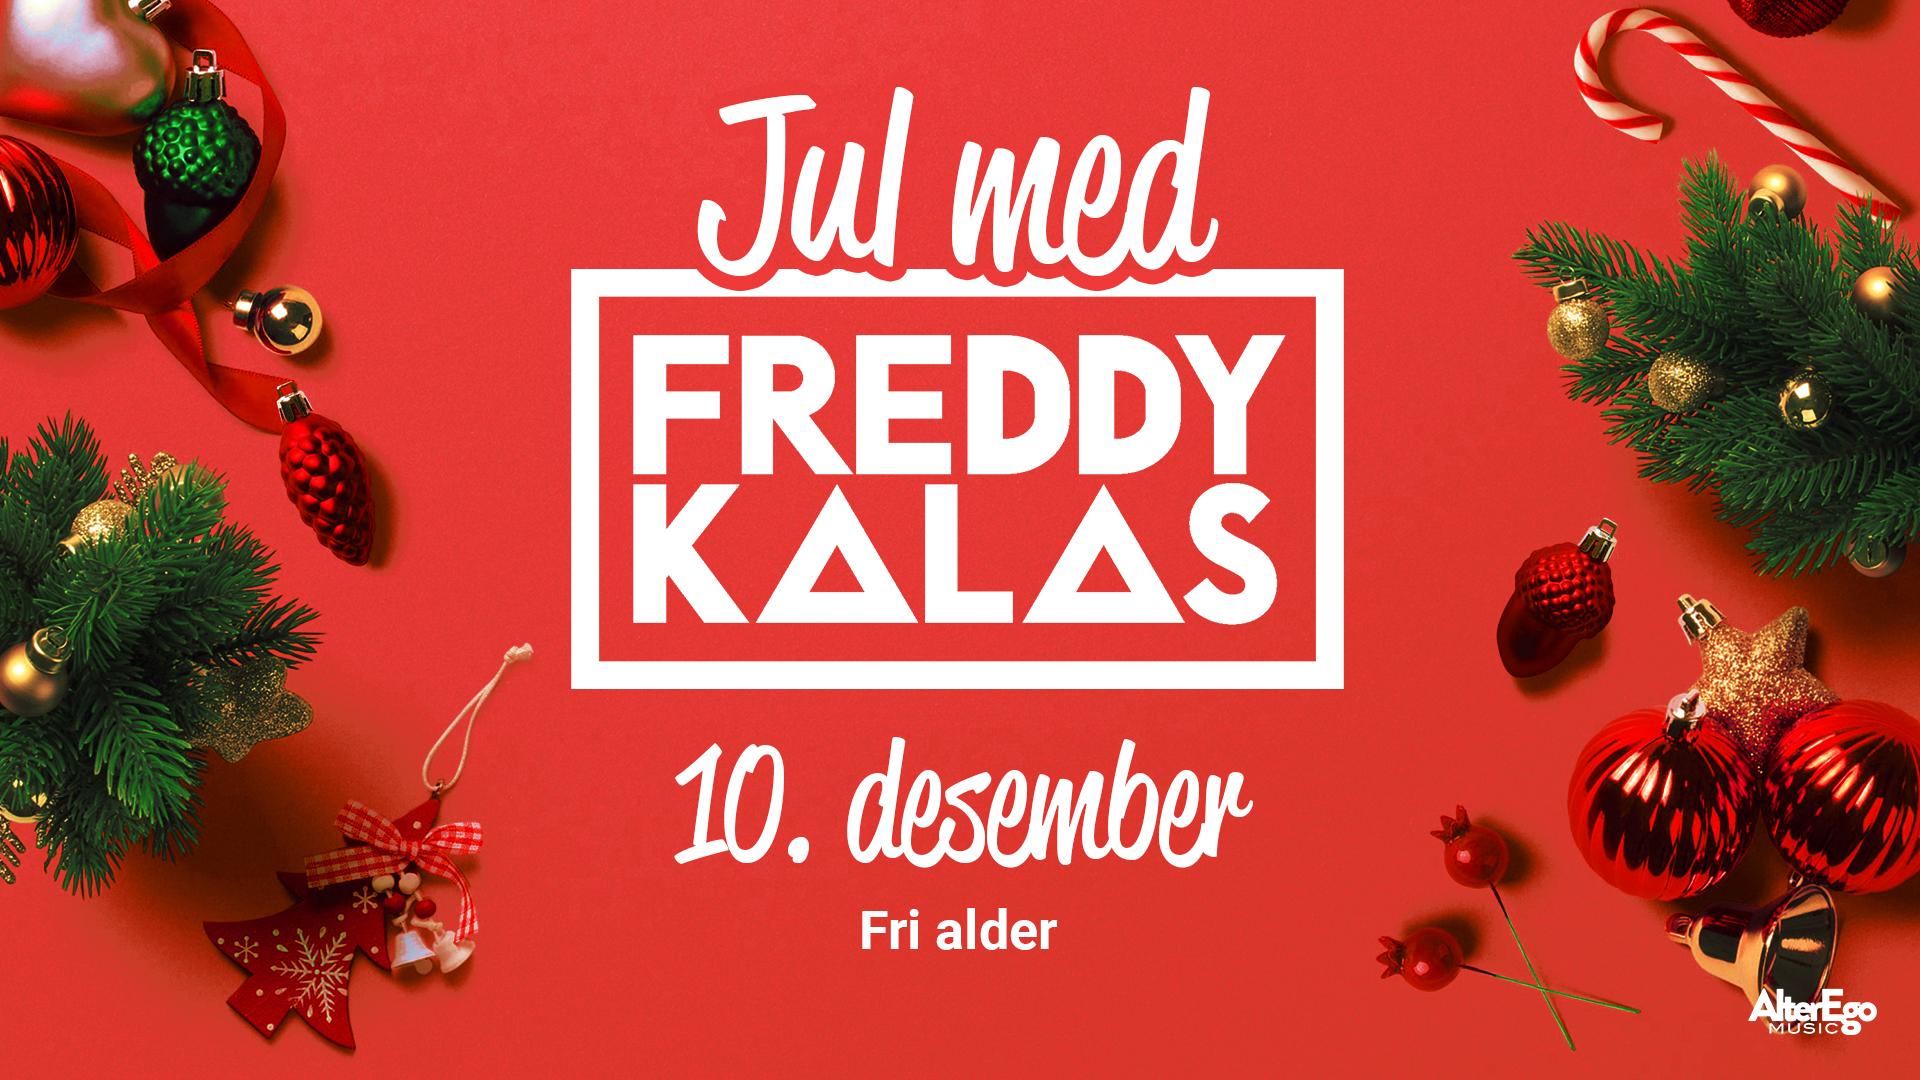 Jul med Kalas (Fri alder)